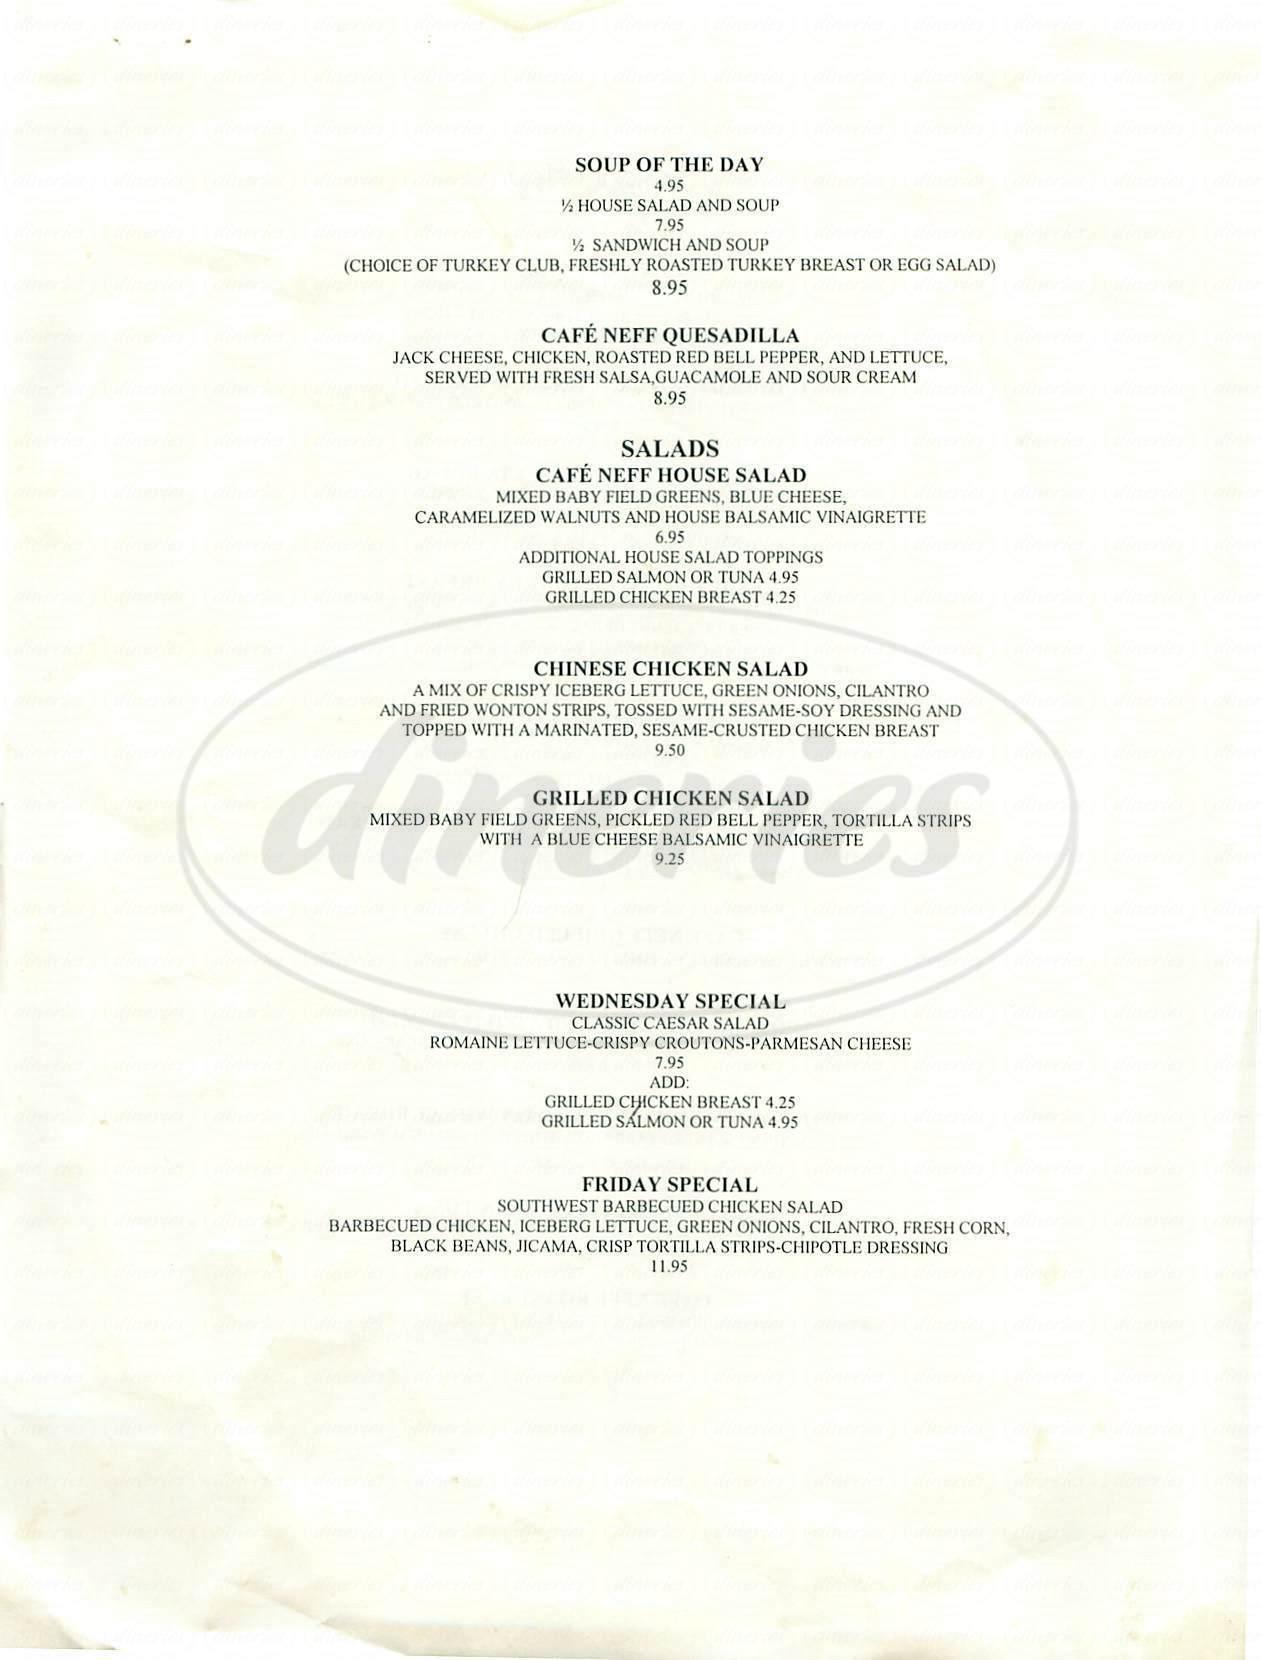 menu for Café Neff